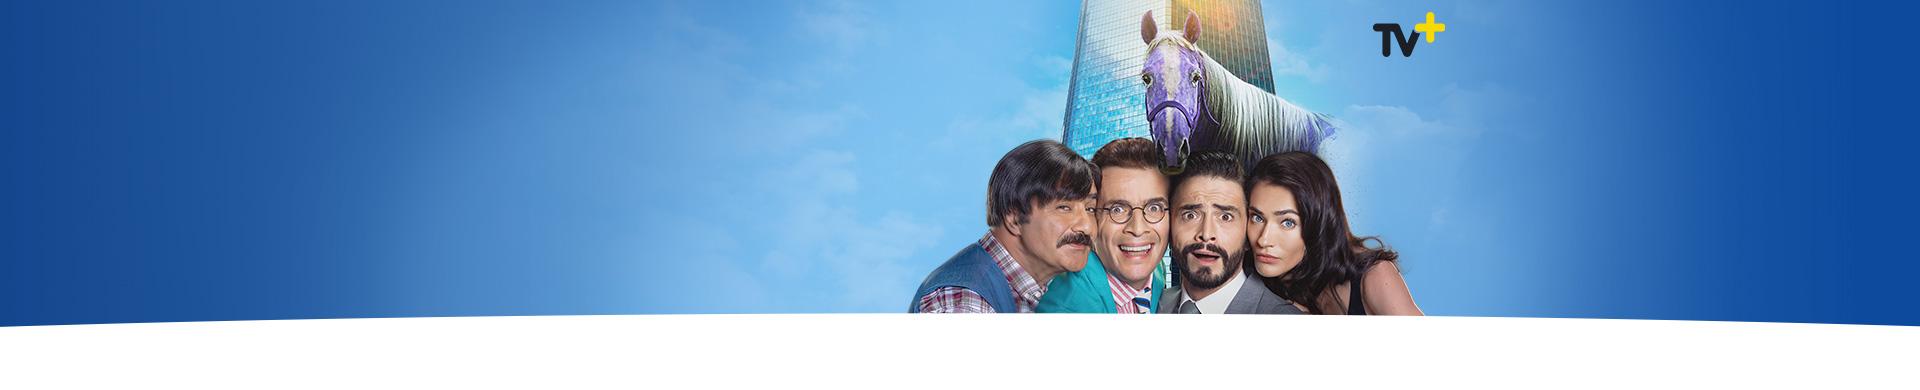 Ailecek Şaşkınız TV+'ta Gişe rekortmeni Ailecek Şaşkınız filmi ilk kez ve sadece TV+'ta!